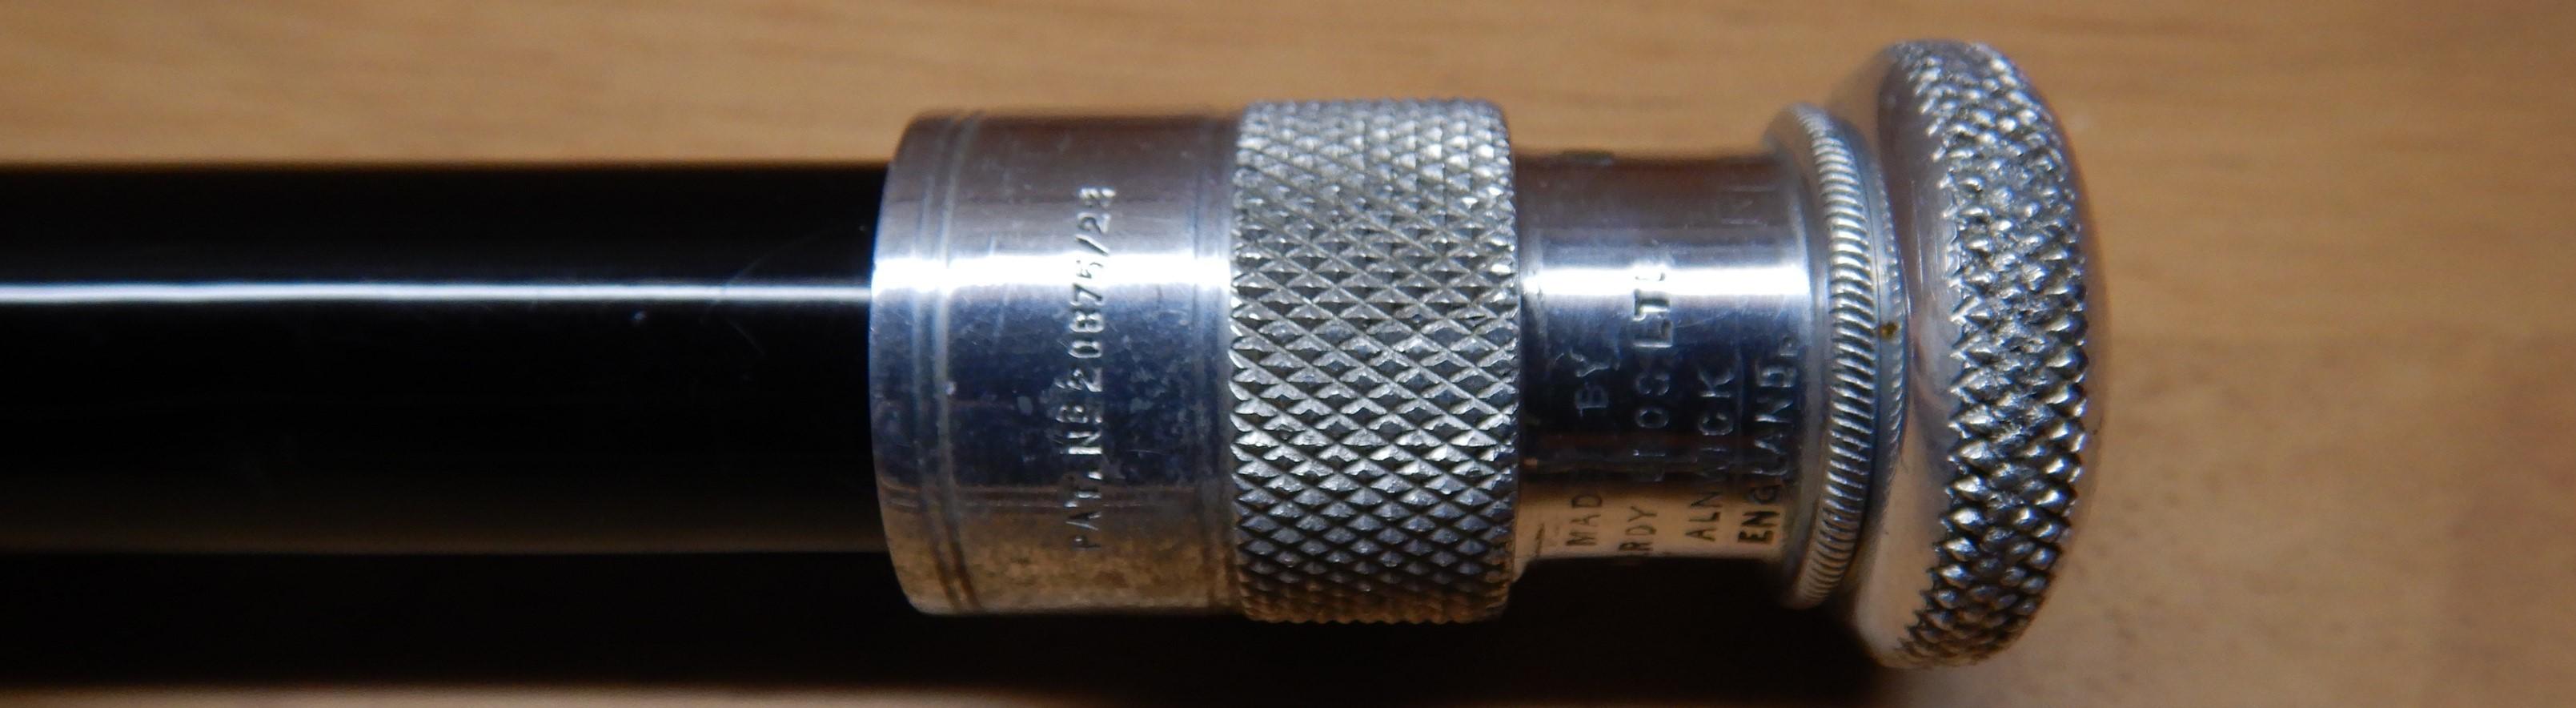 DSCN2123 (2)